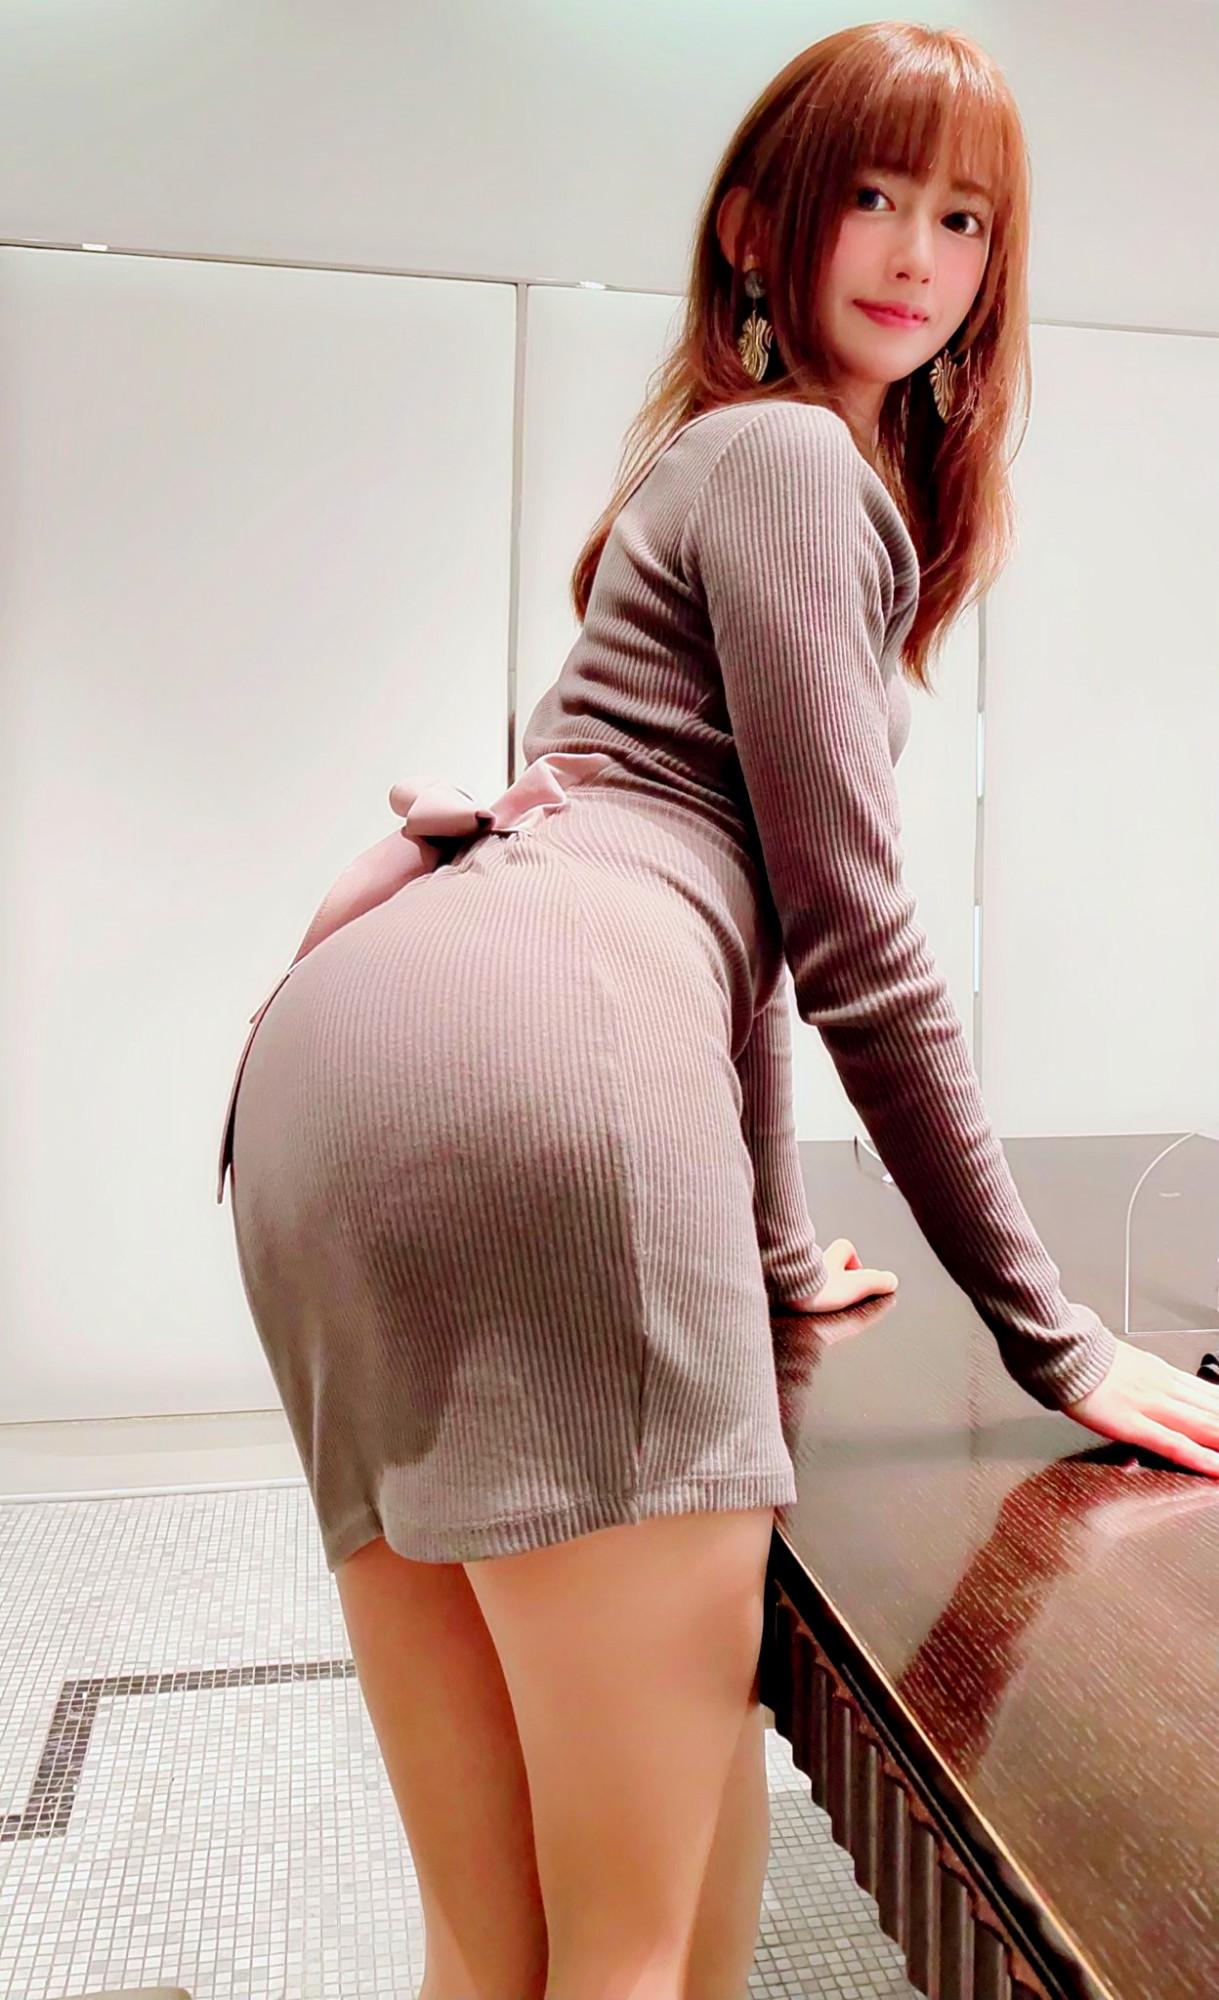 タイトスカートのお尻